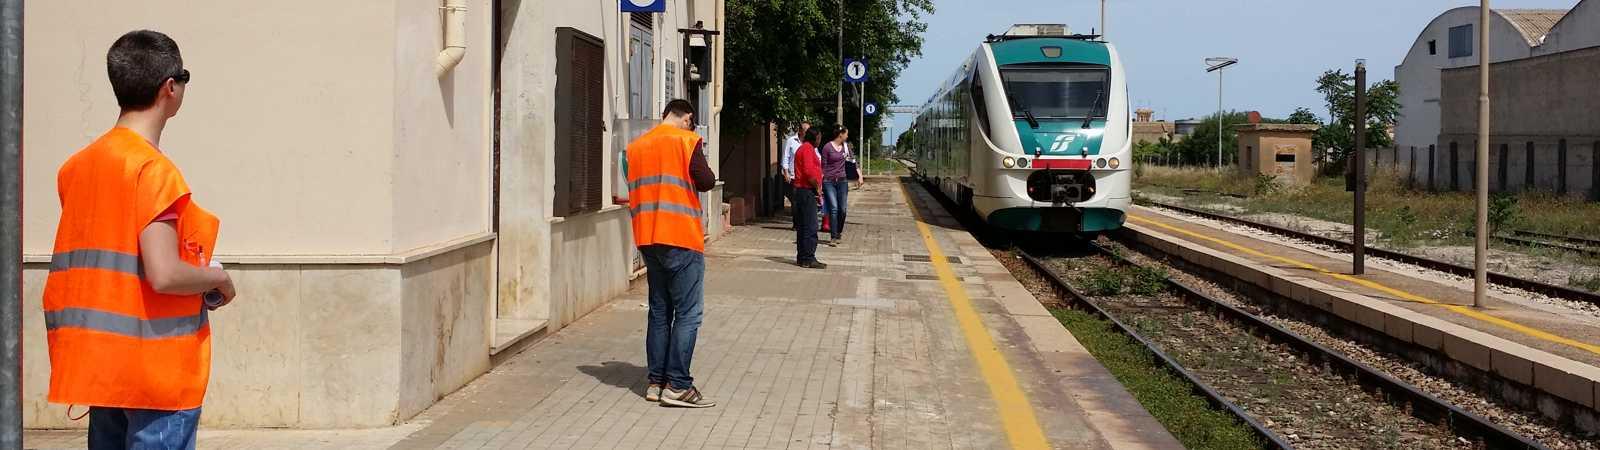 Bolzano e Provincia: ricerchiamo intervistatori per indagini di customer statisfaction sulla rete ferroviaria provinciale